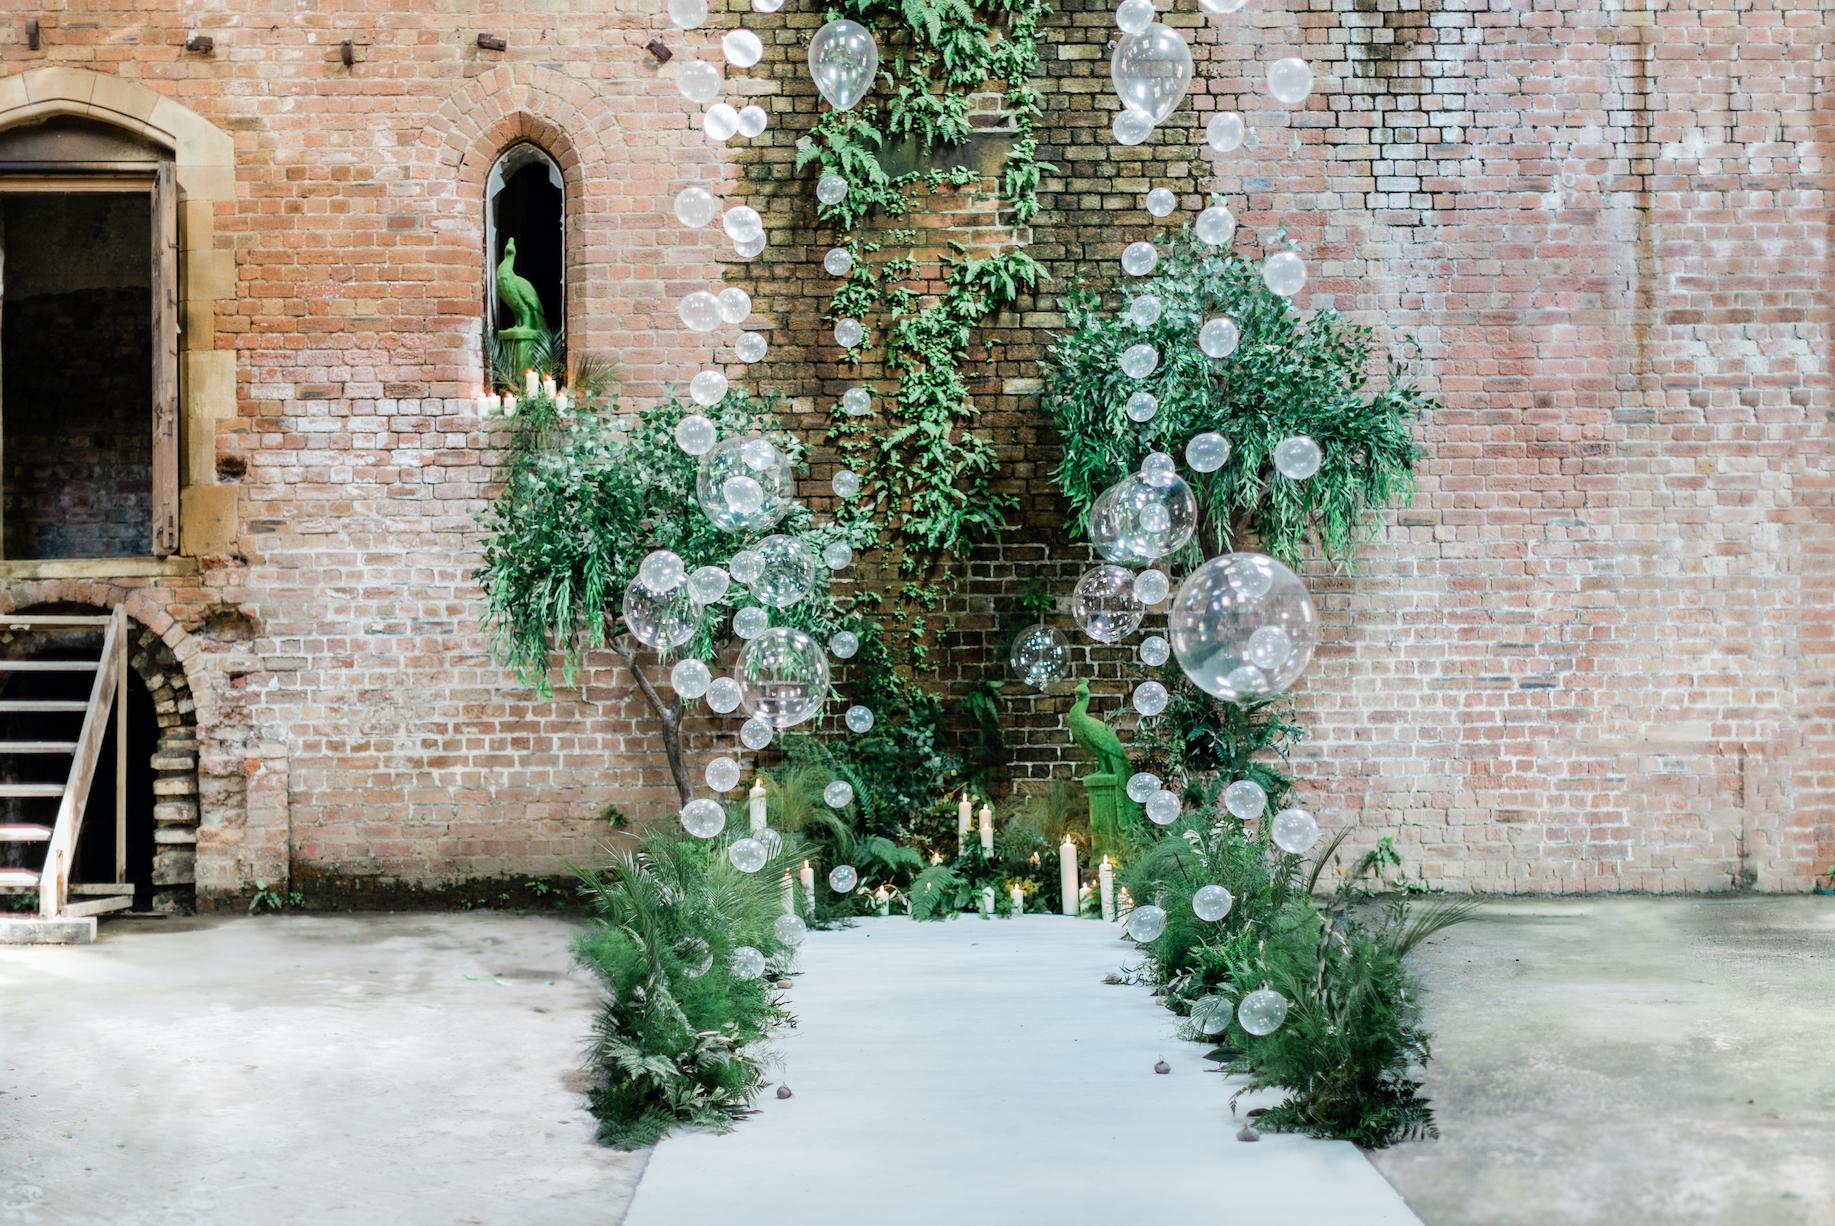 Belle Bridal – The Show, Dalton Old Pump House